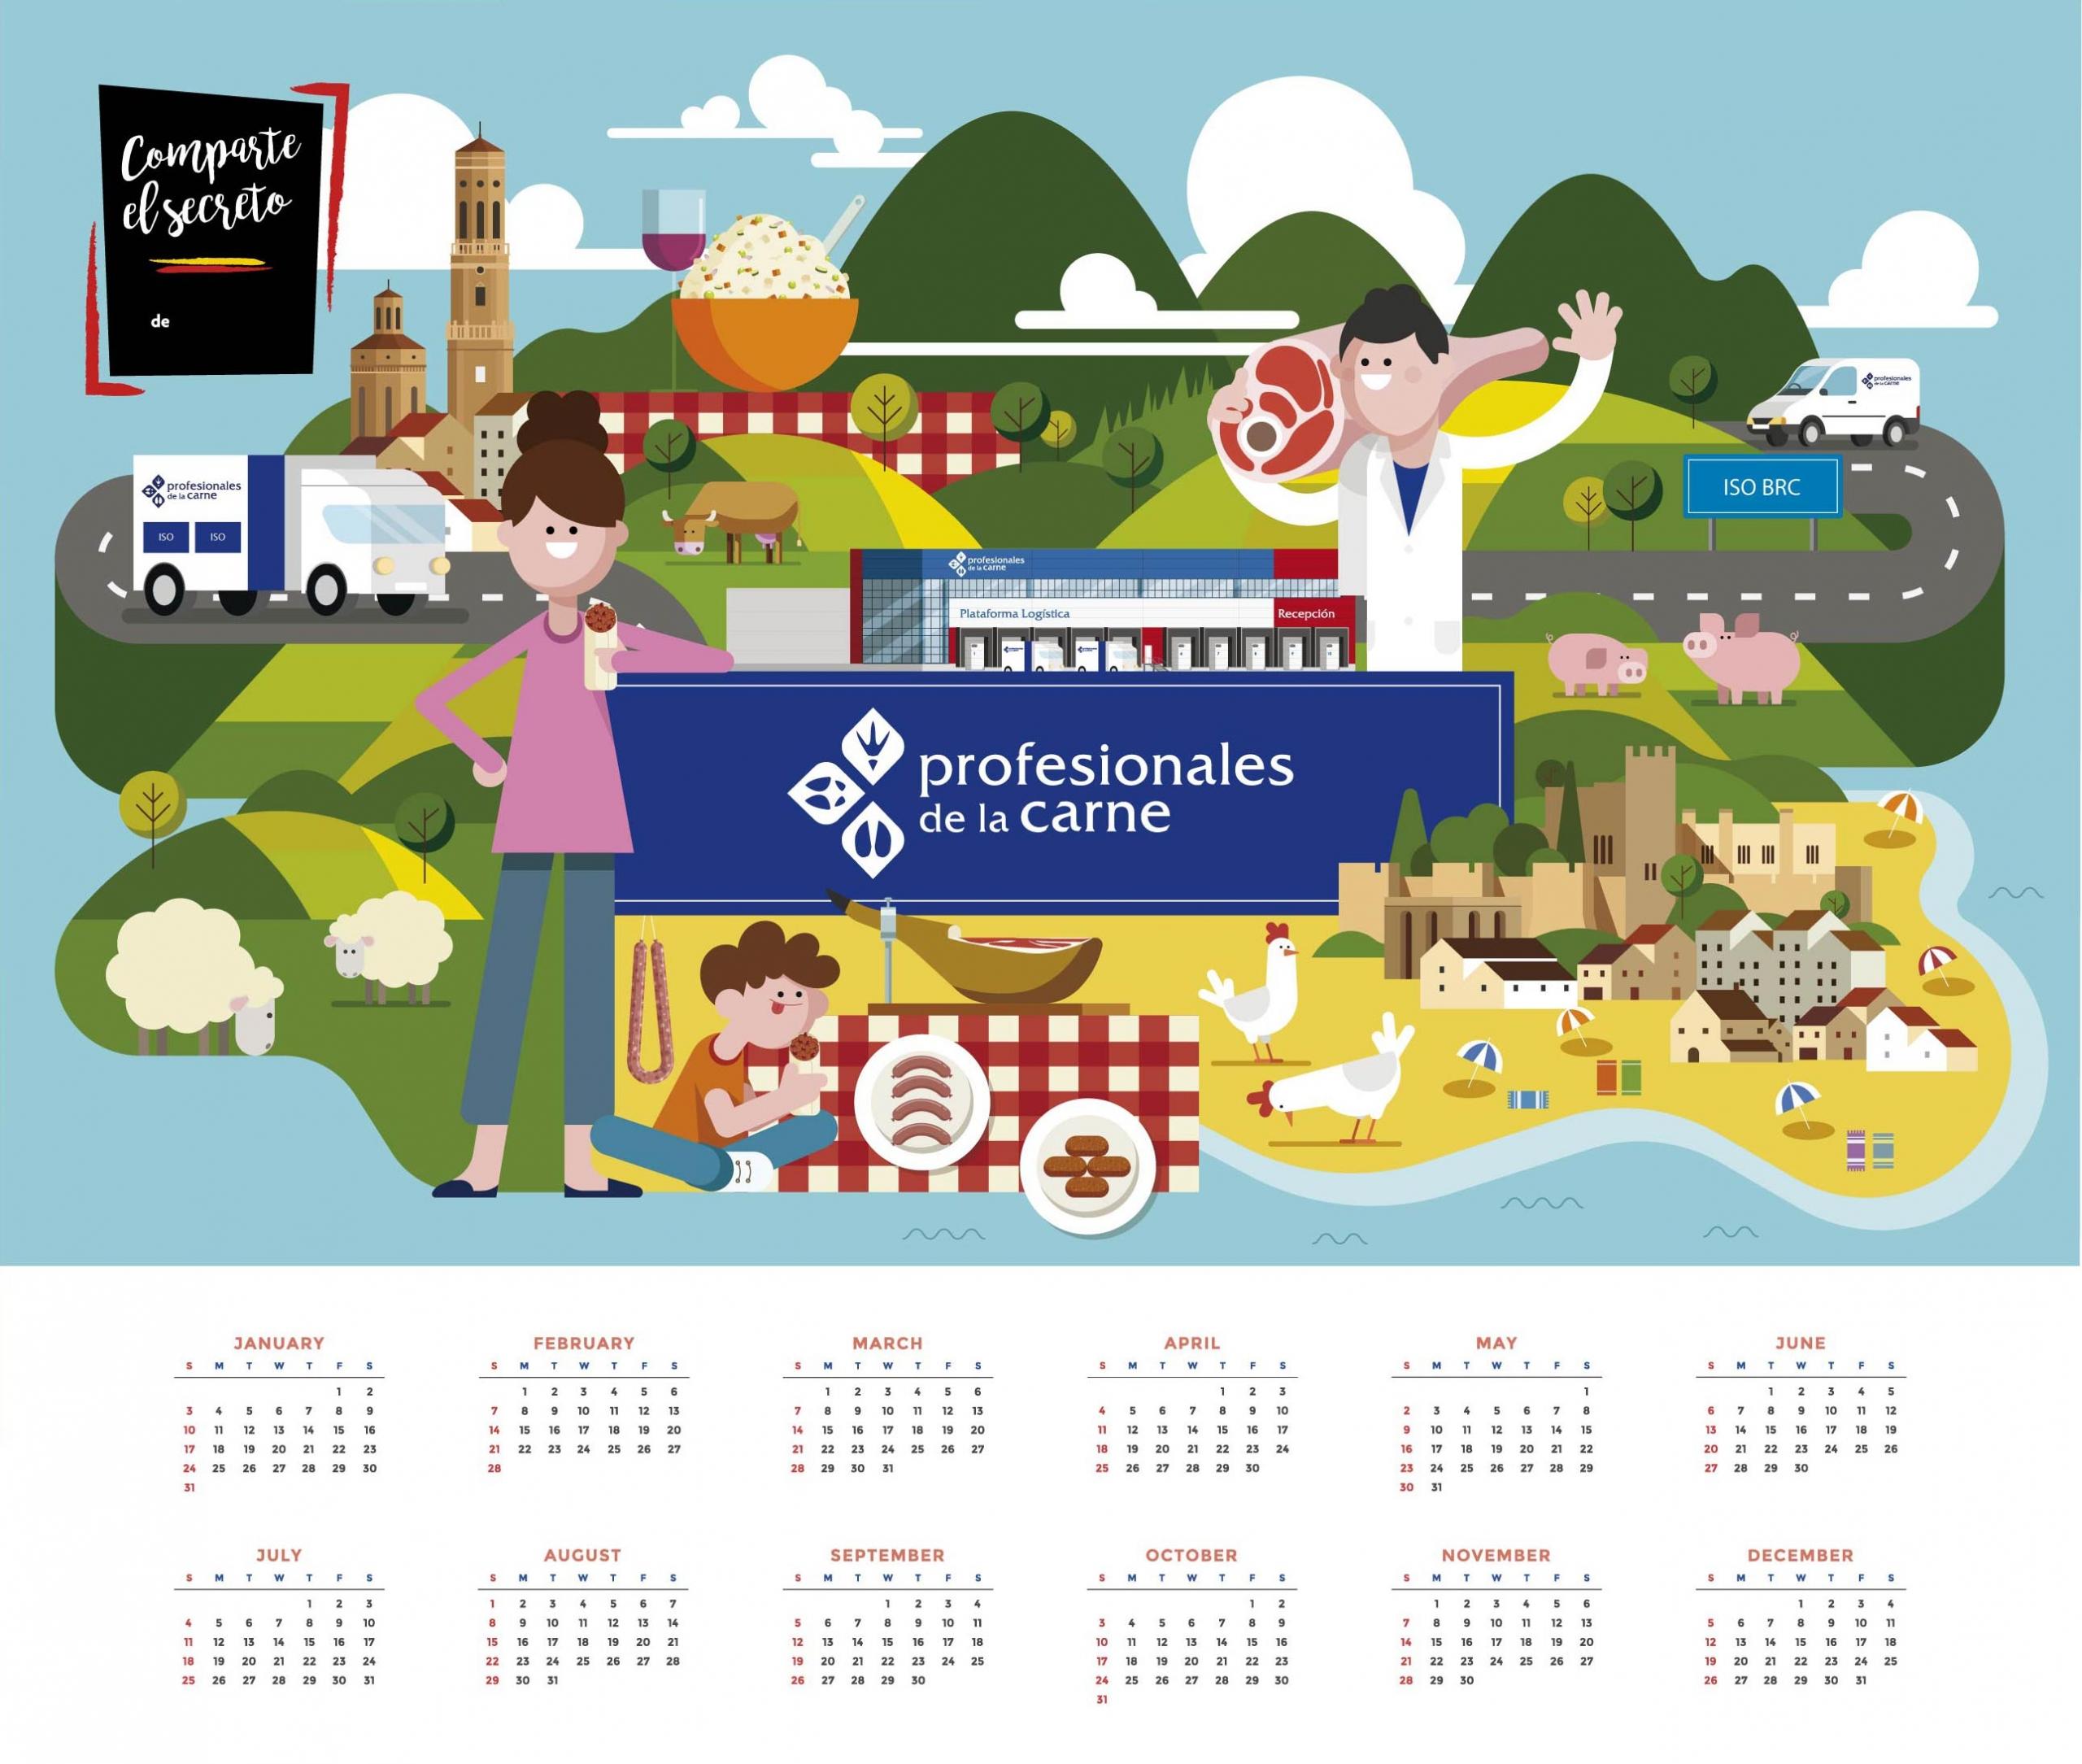 ilustracion calendario profesionales de la carne